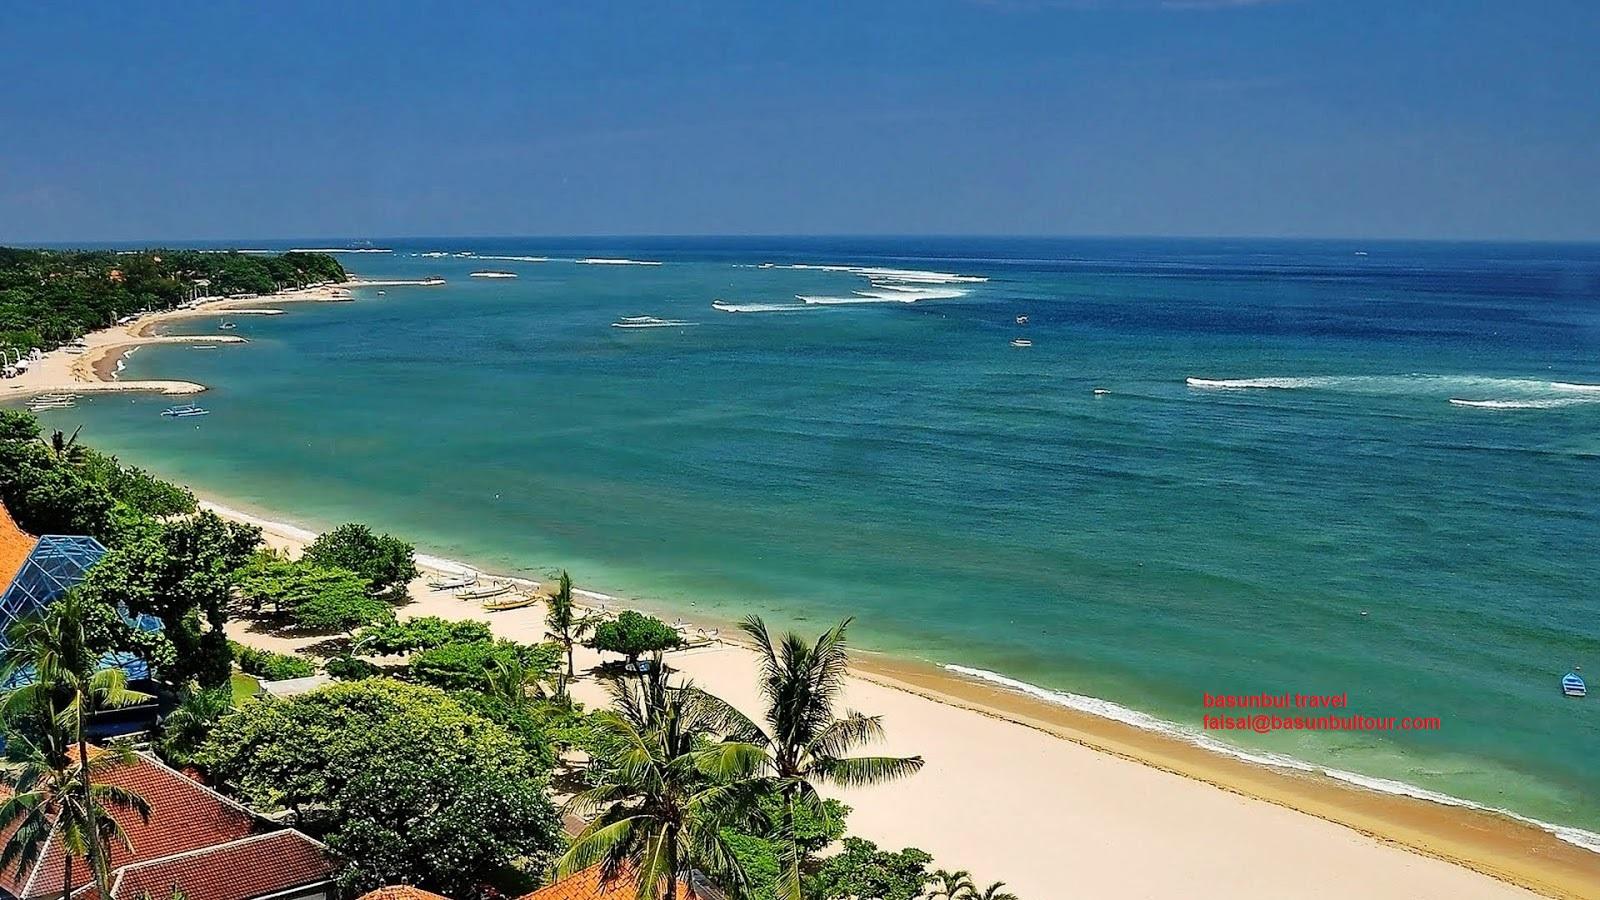 7 Tempat Wisata Di Bali Yang Populer Dikunjungi